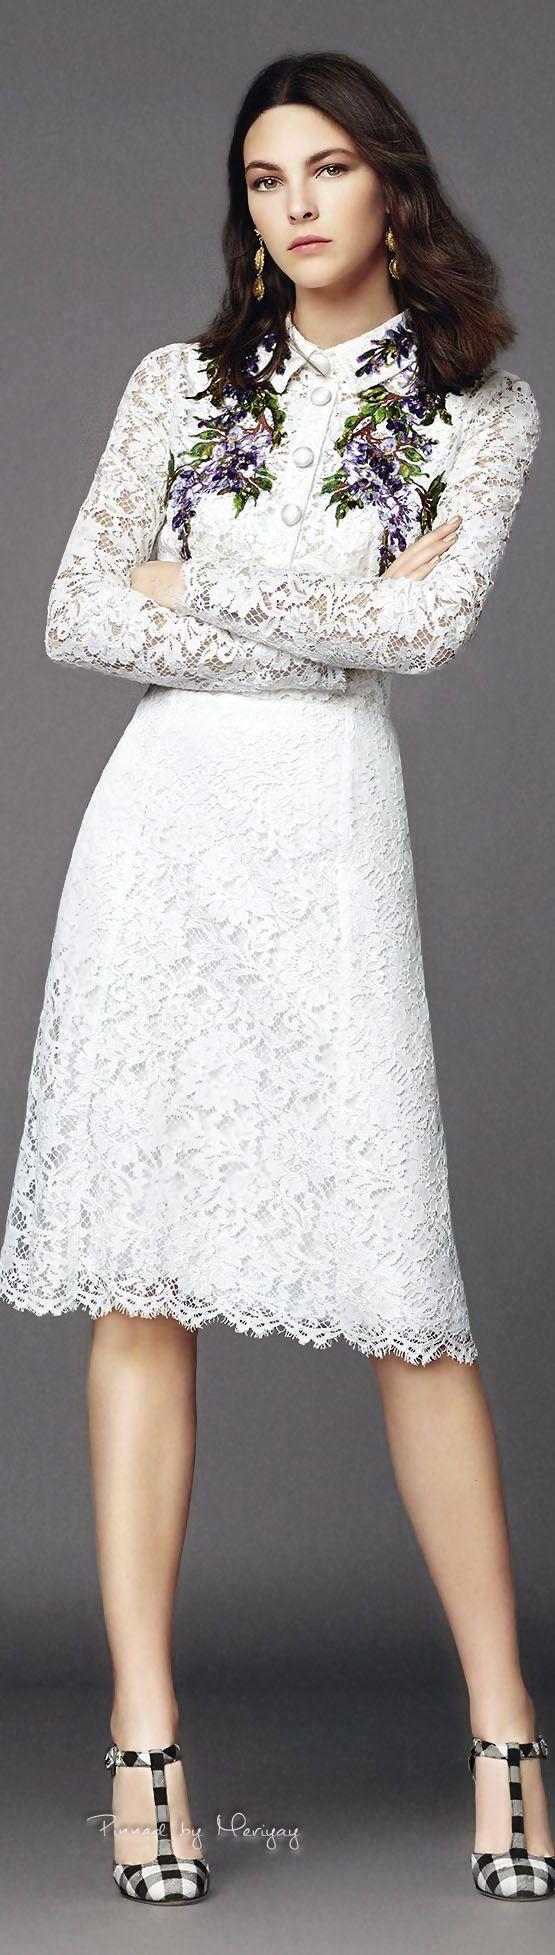 ❤Dolce & Gabbana 2015